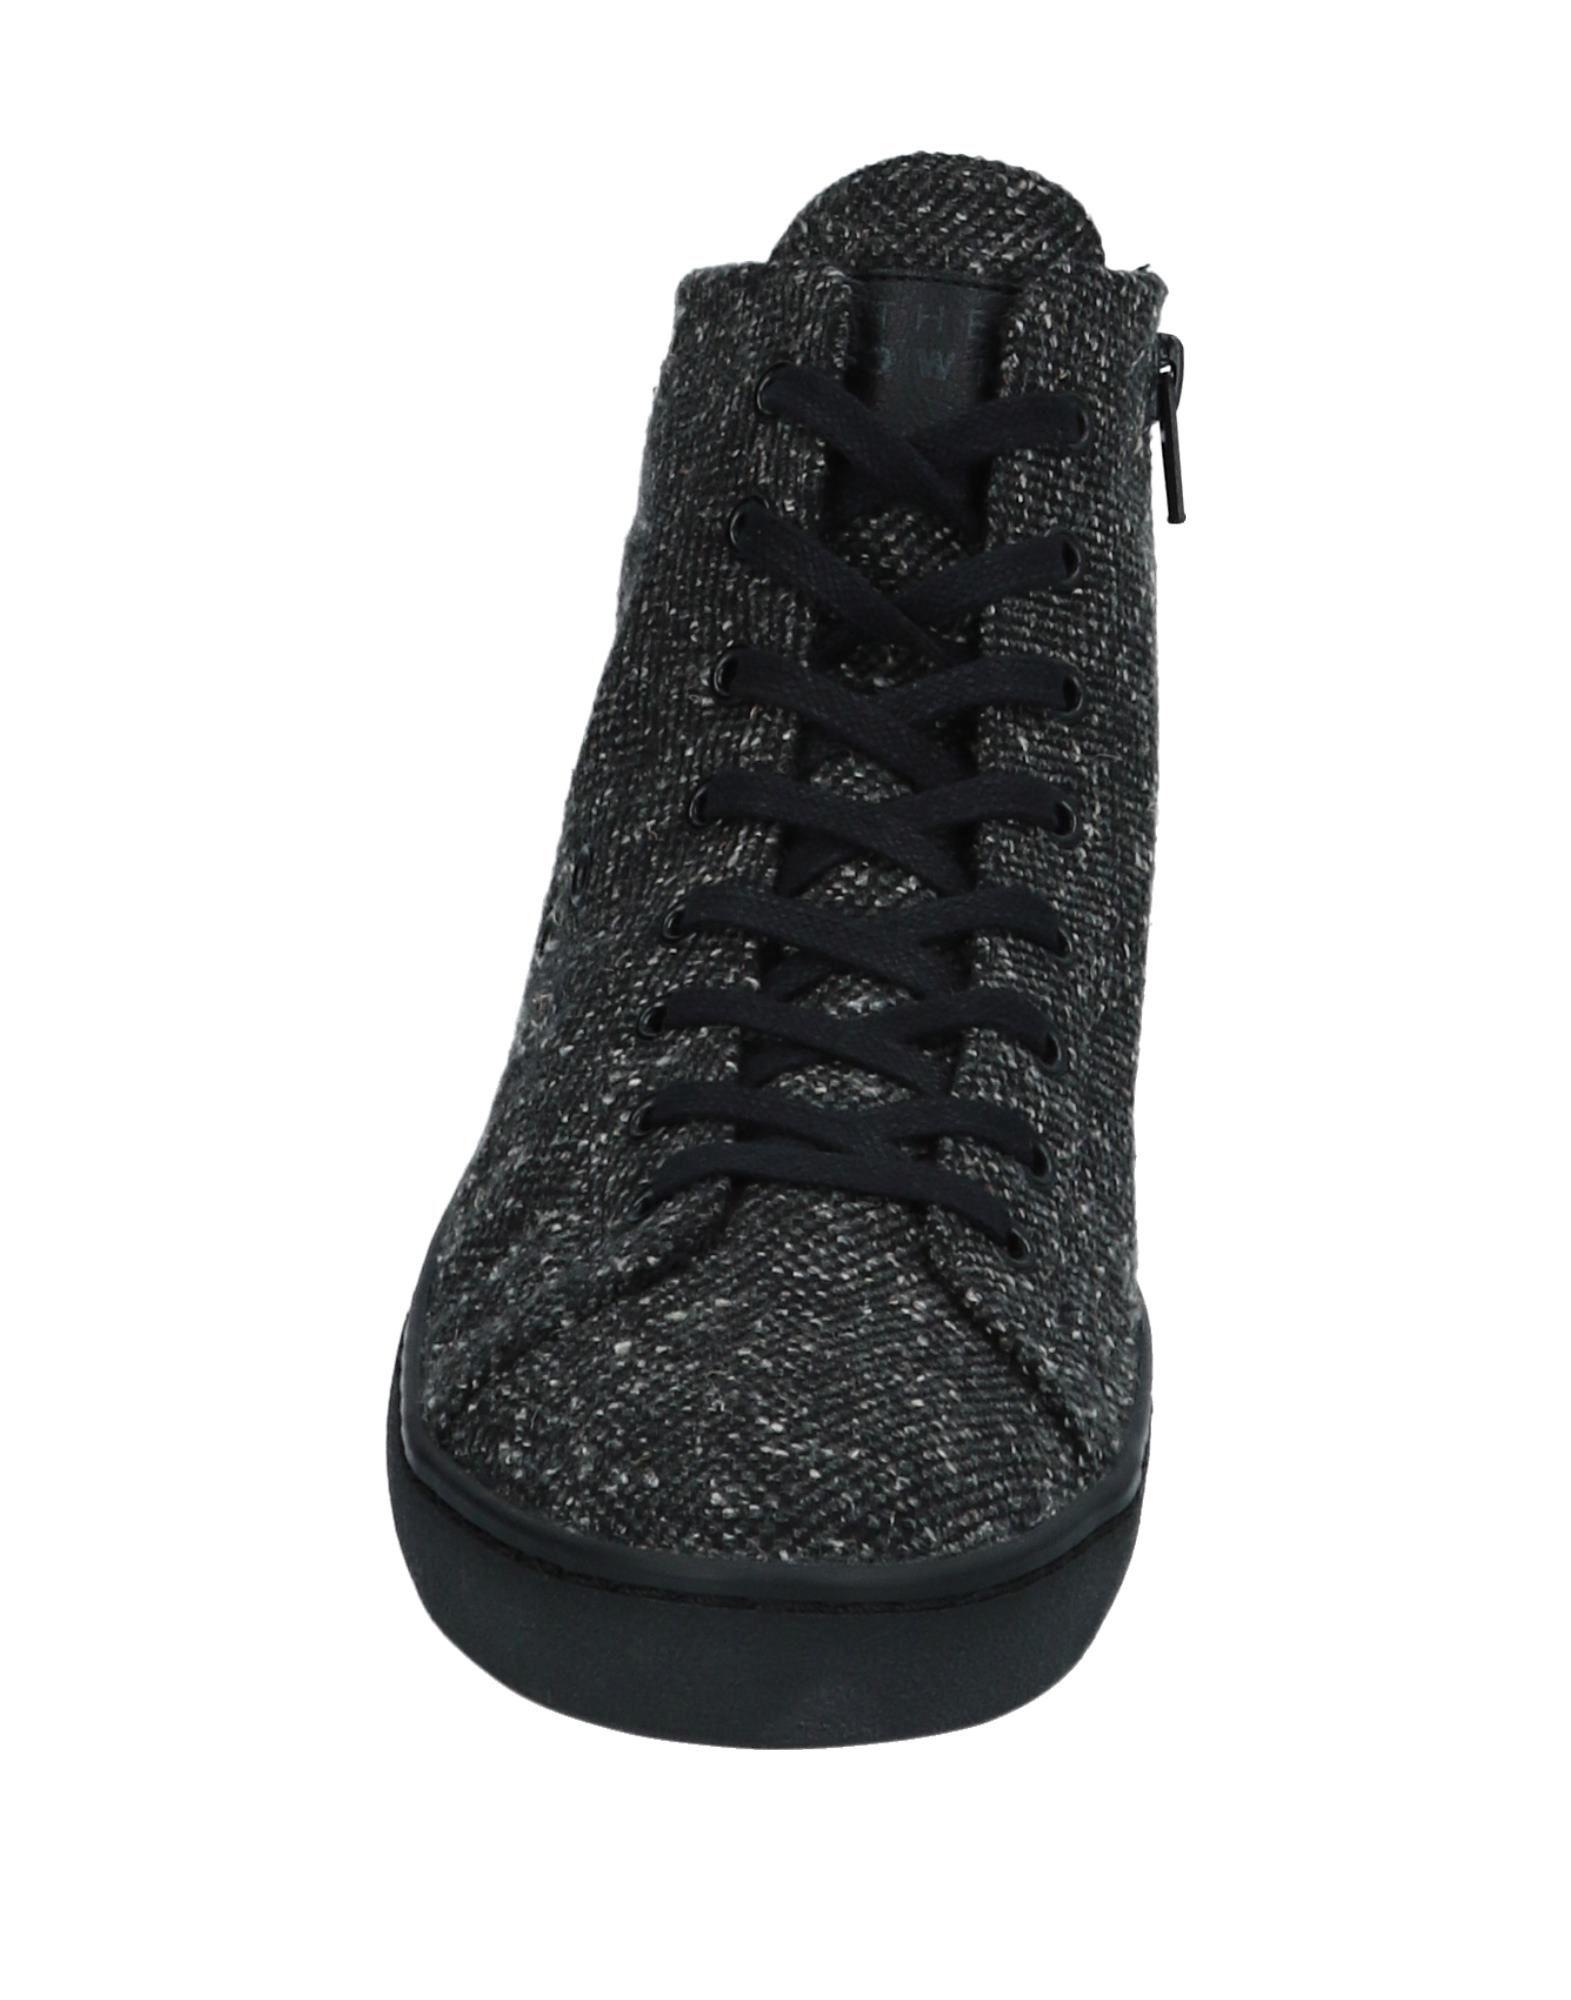 Rabatt echte Schuhe Herren Leather Crown Sneakers Herren Schuhe  11532113FO 24faa9